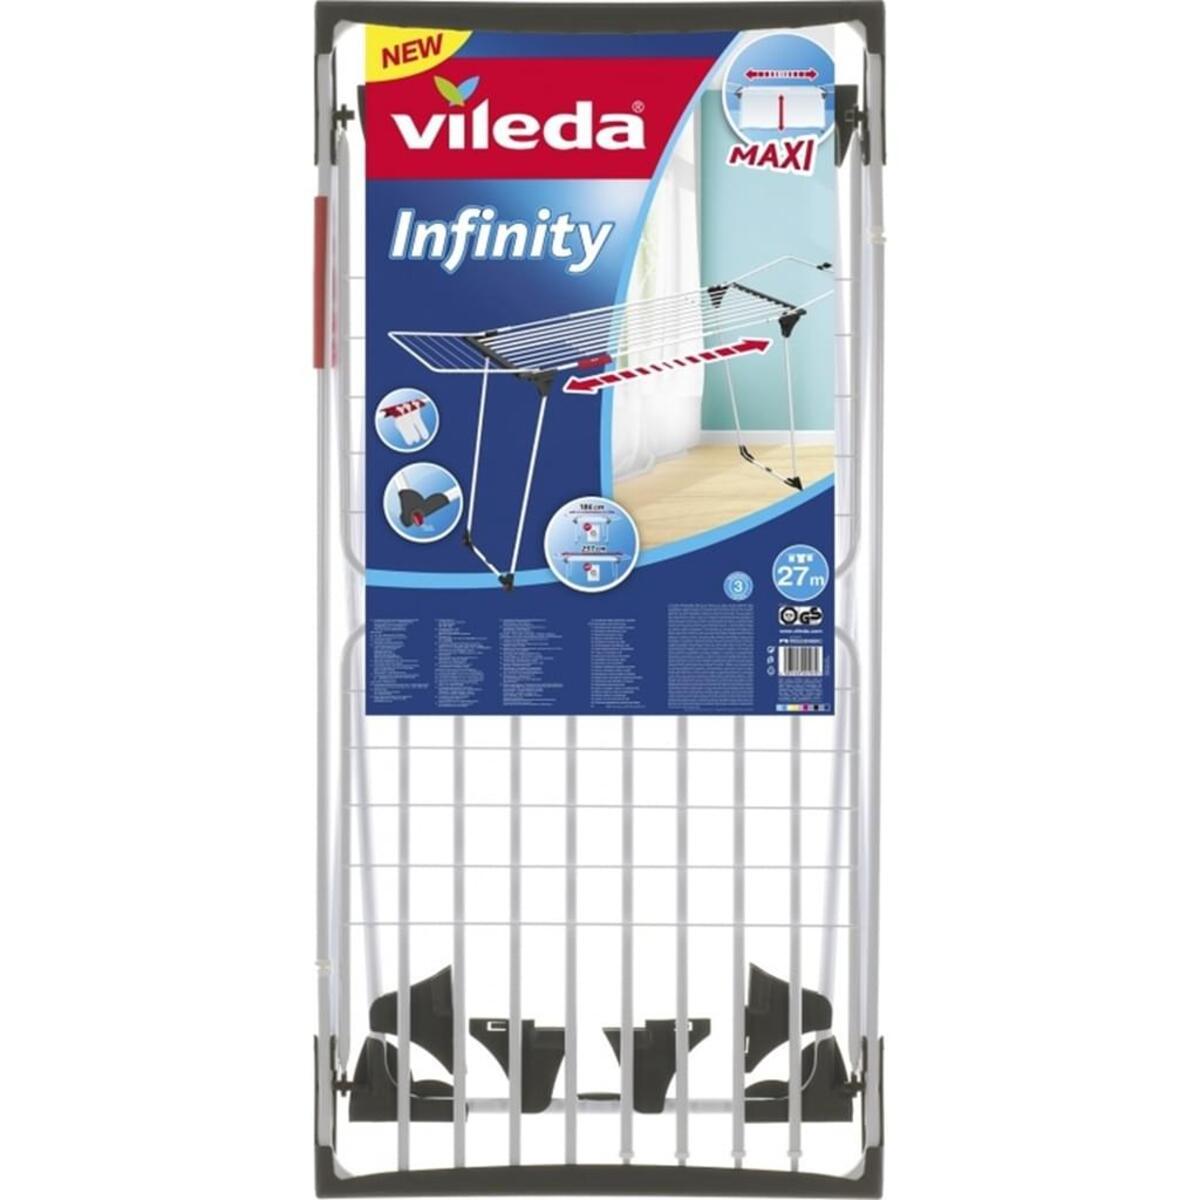 Bild 3 von Vileda Wäschetrockner Infinity Flügeltrockner Wäscheständer